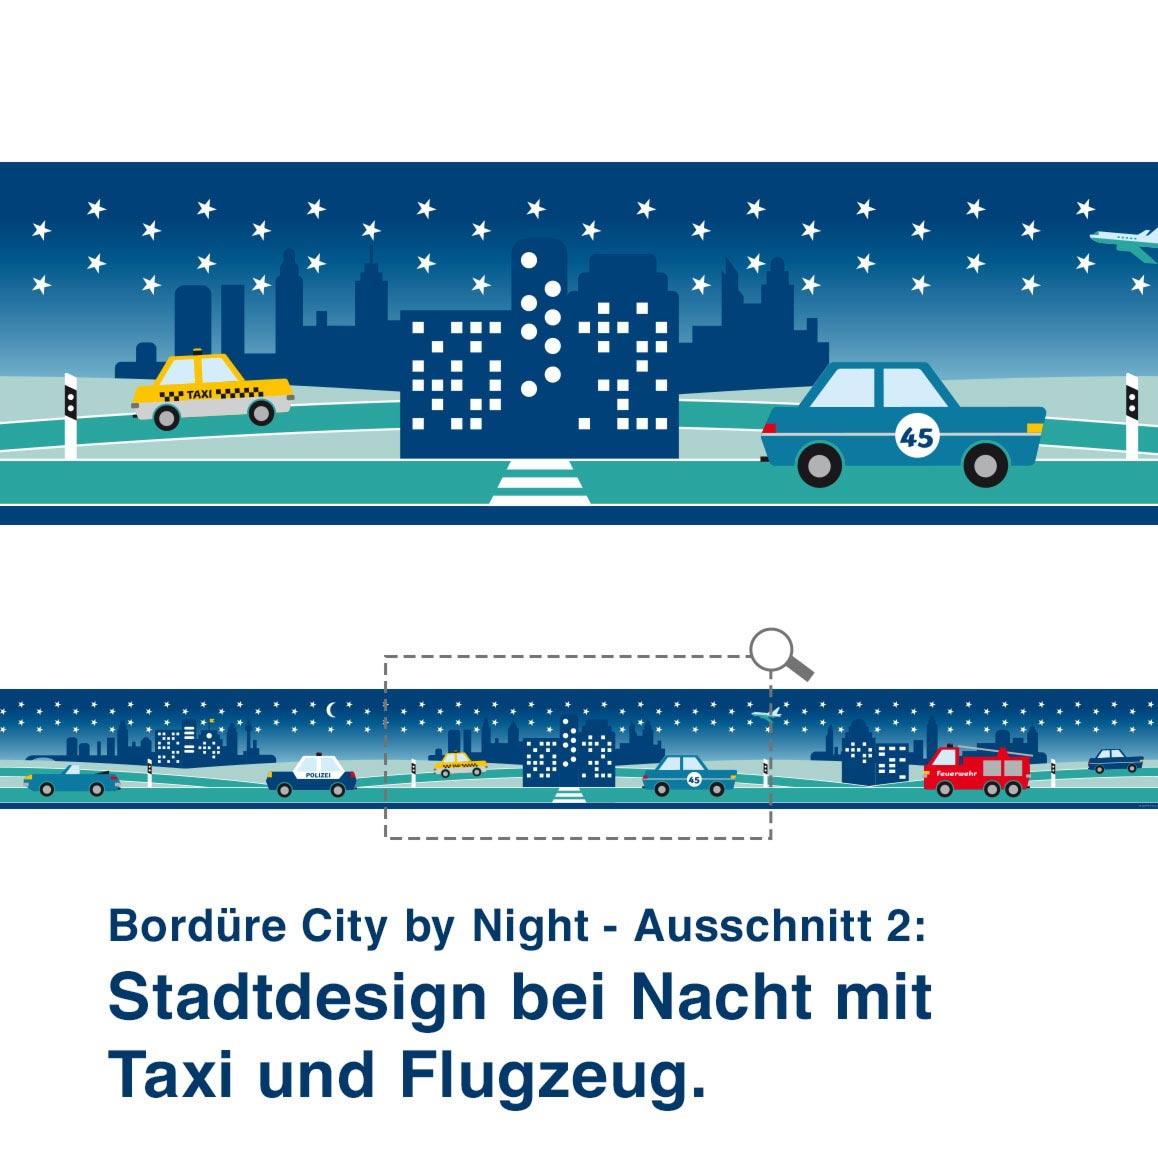 Bordüre City by Night - Ausschnitt 2:   Stadtdesign bei Nacht mit Taxi und Flugzeug.